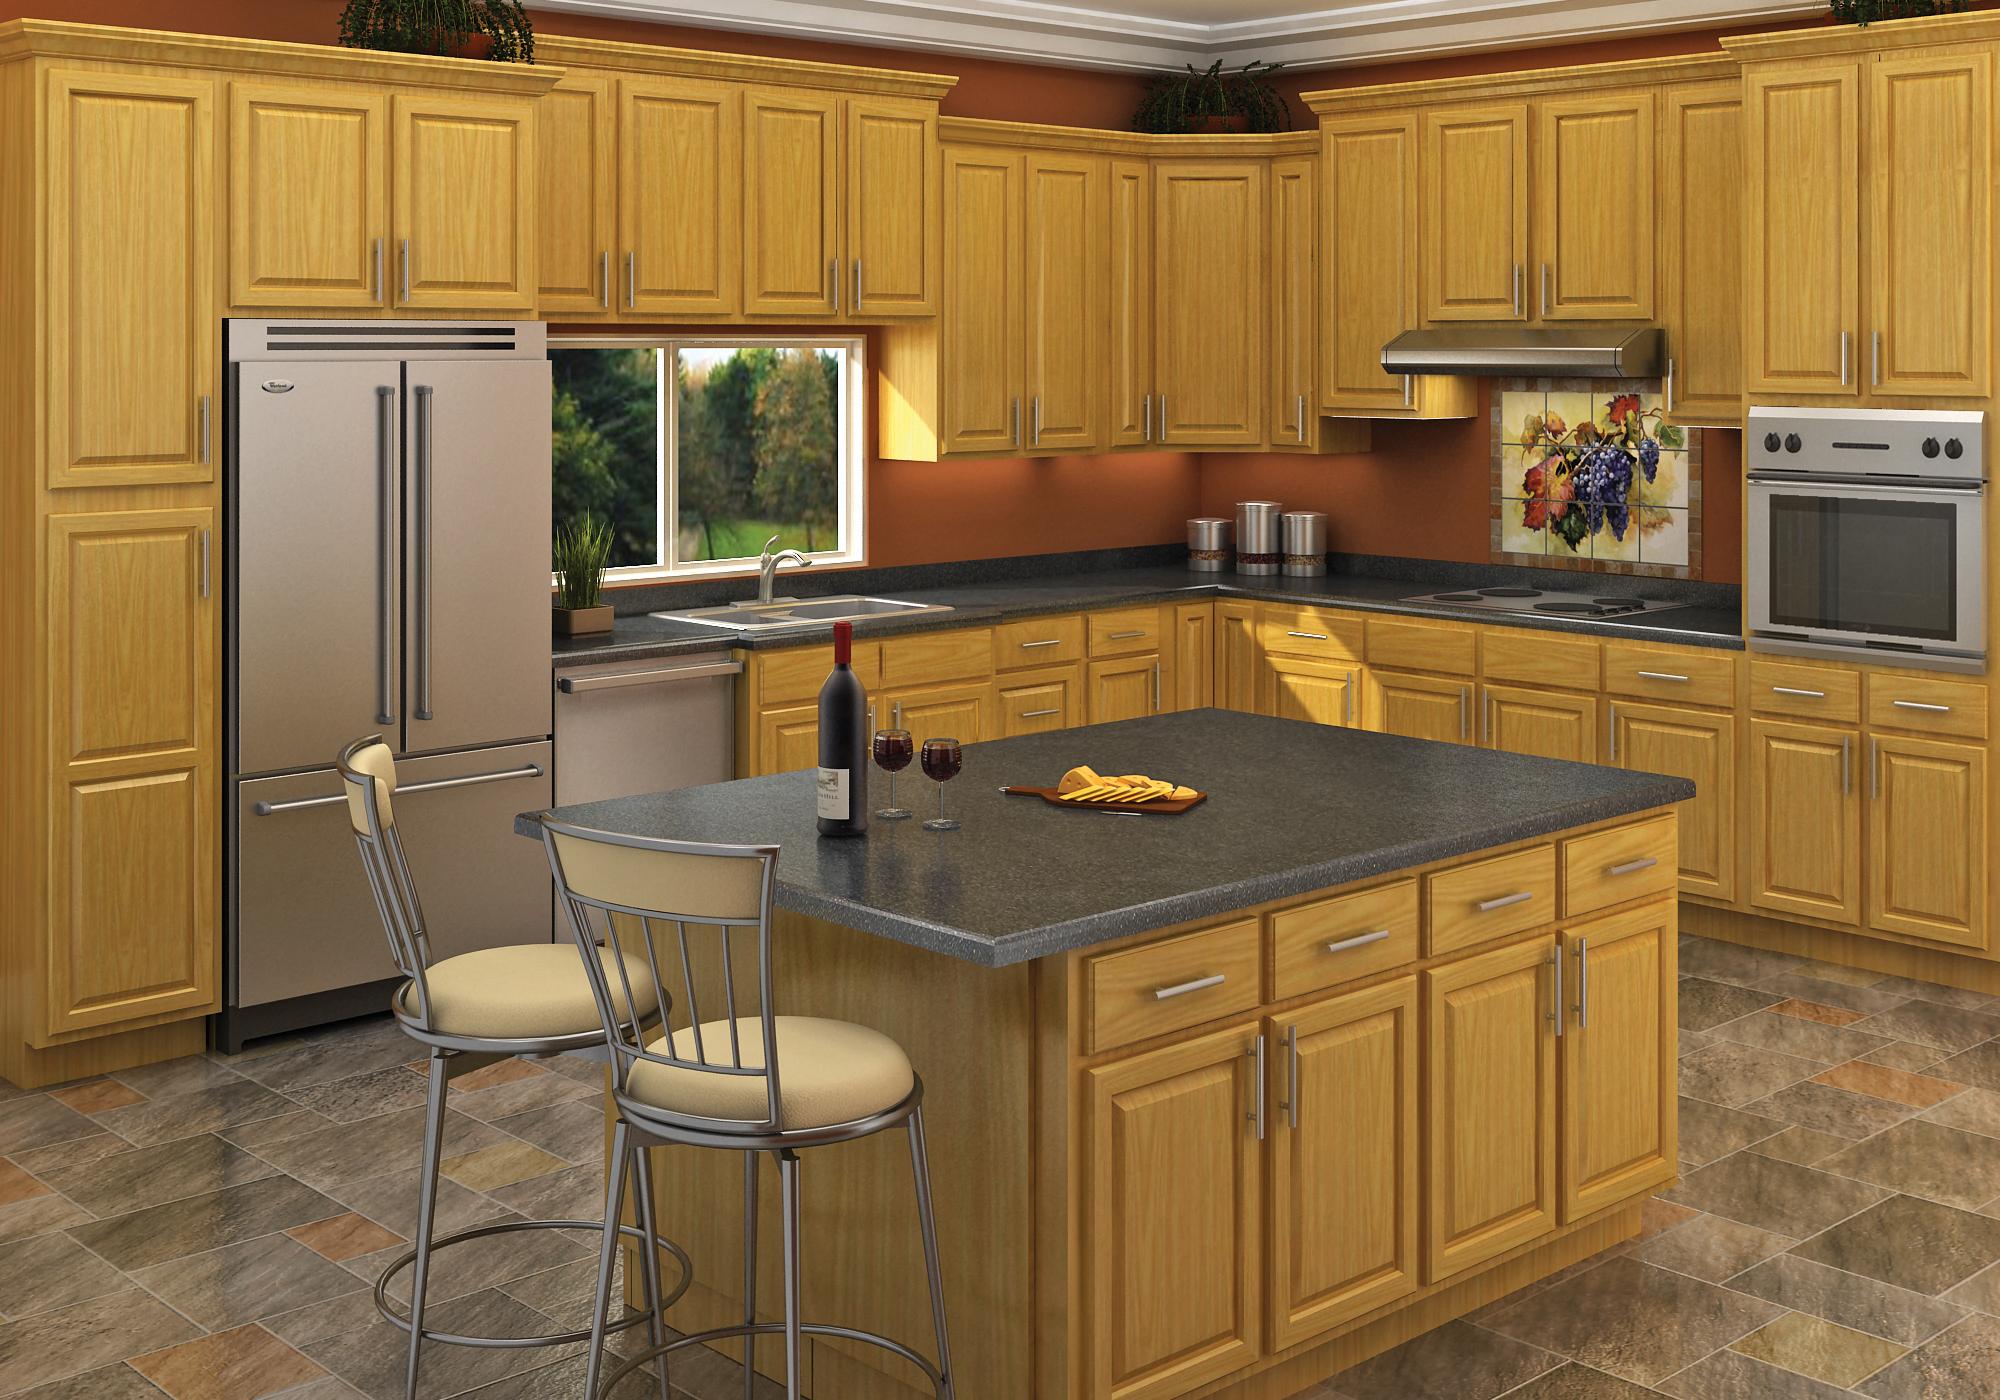 J&K Carolina Oak Kitchen Cabinets